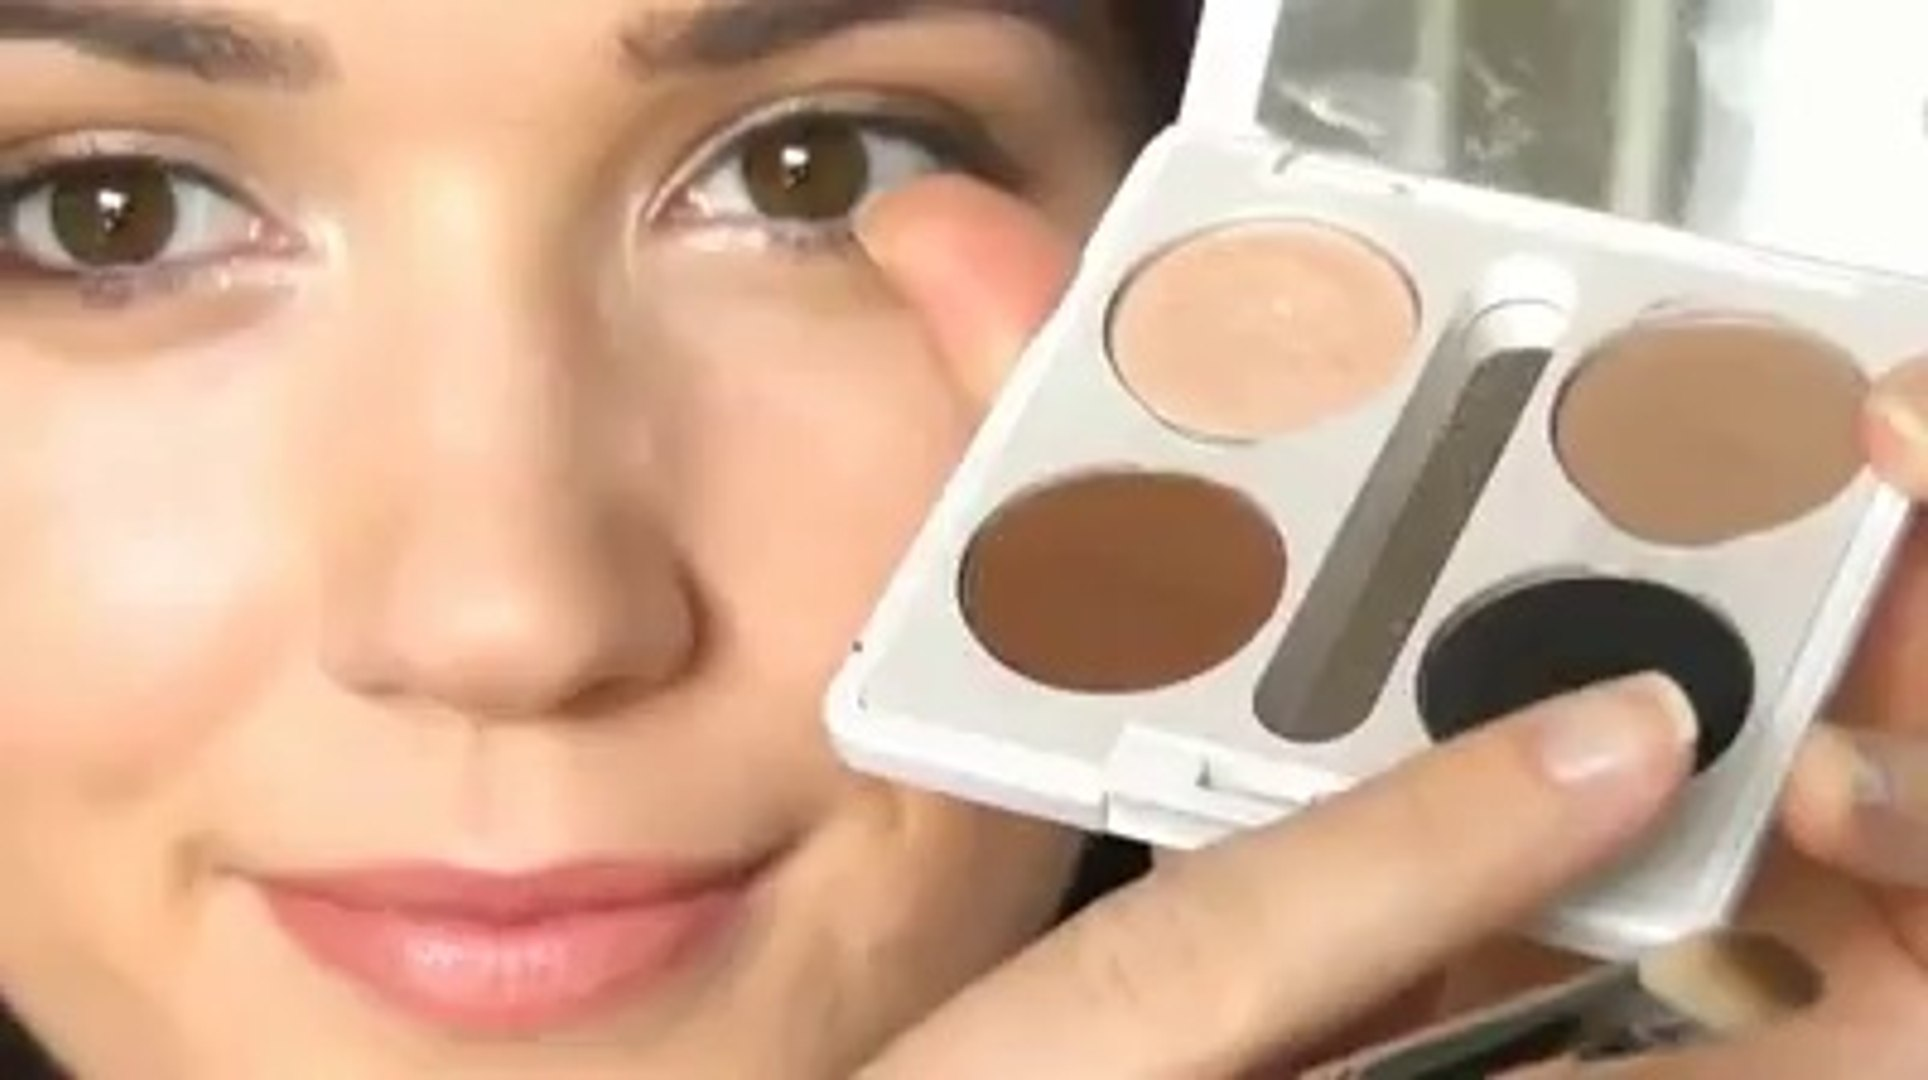 biggeners eye makeup tricks and tips